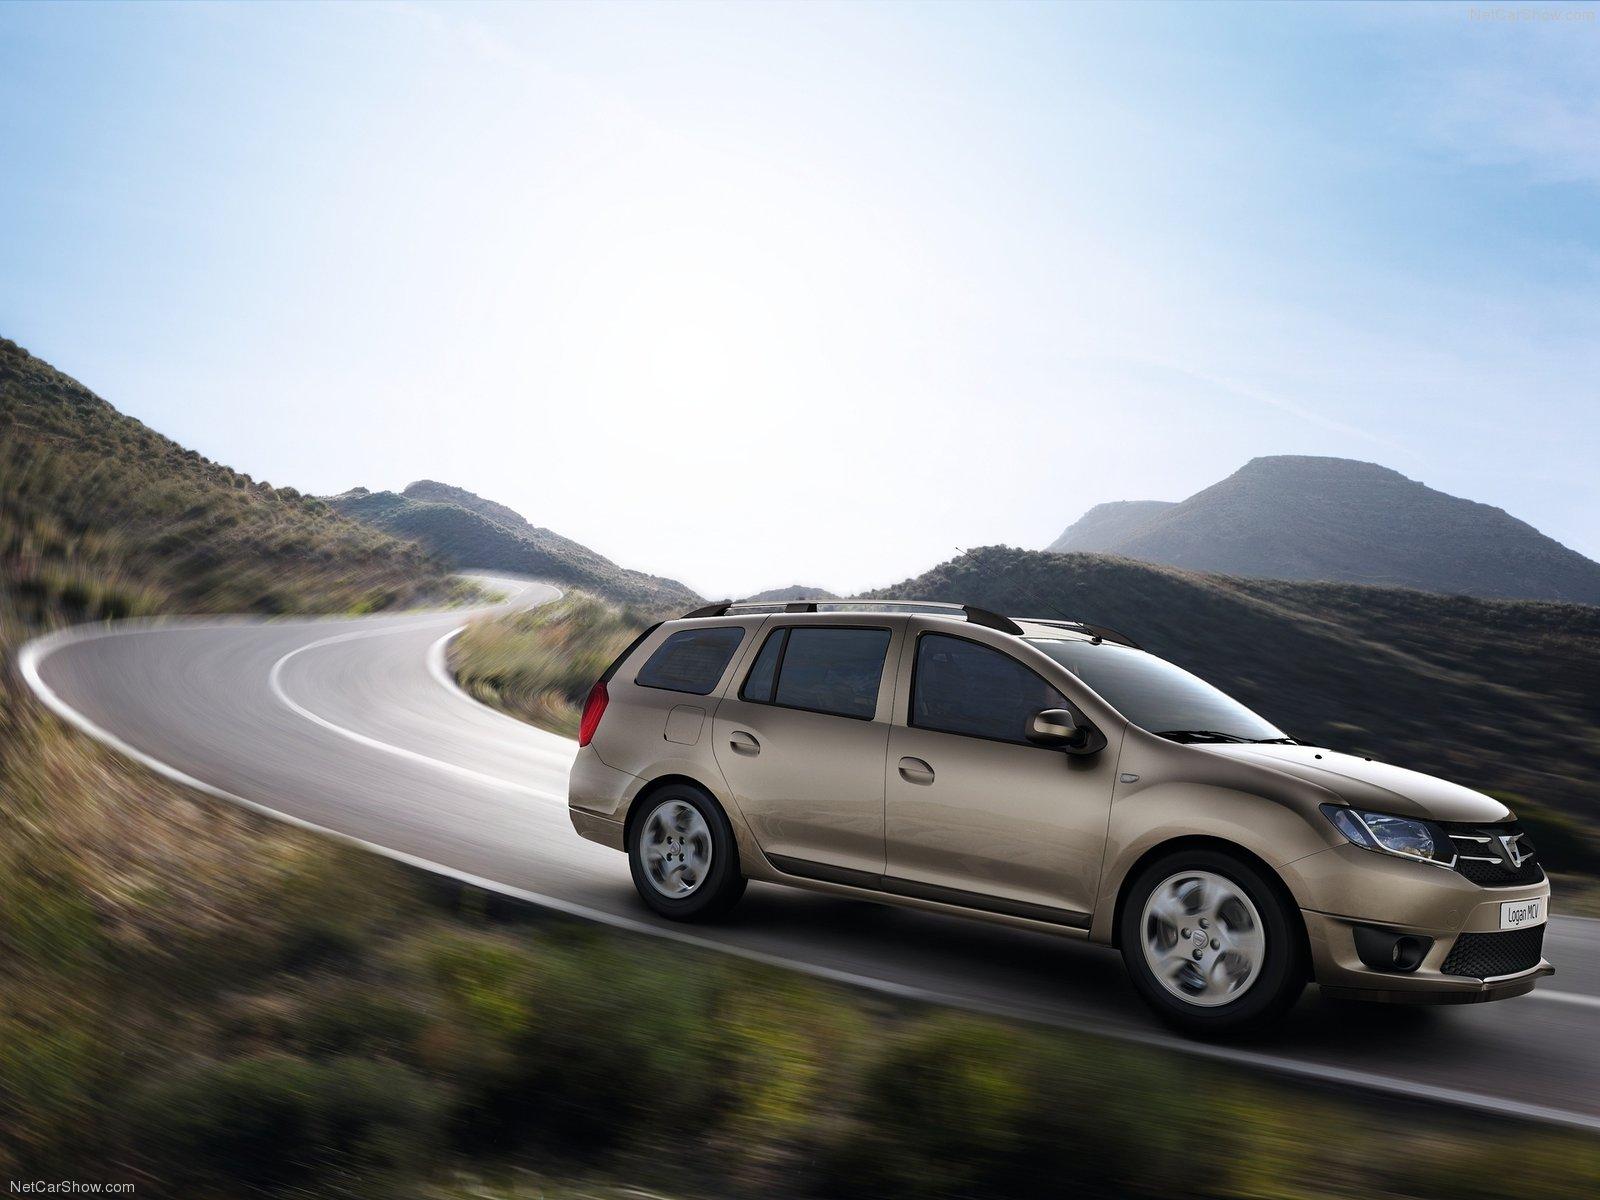 Hình ảnh xe ô tô Dacia Logan MCV 2014 & nội ngoại thất